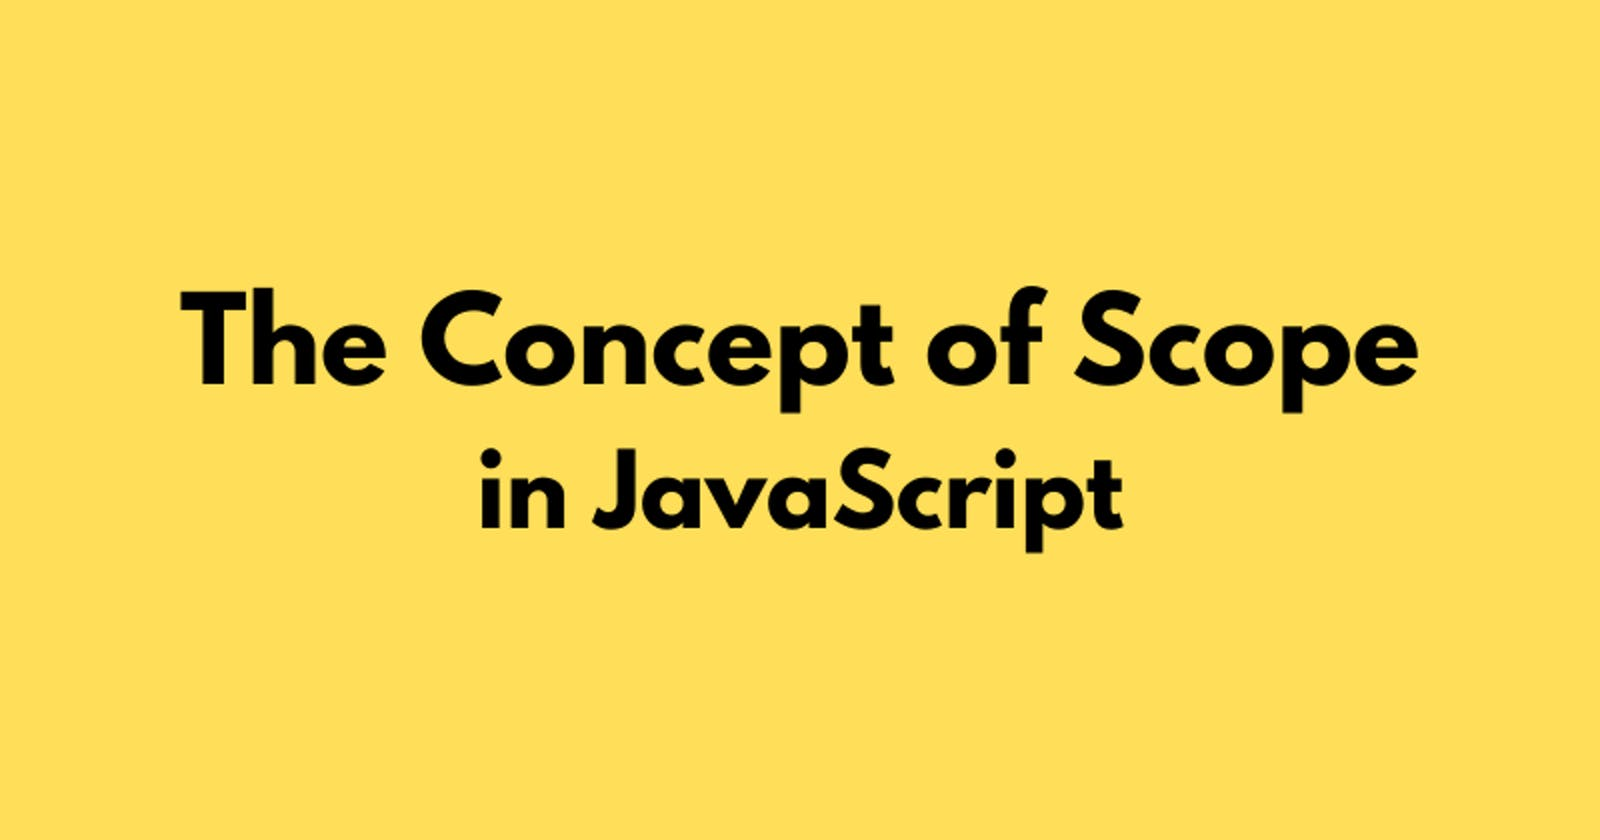 Let's Talk 'Scopes' in JavaScript